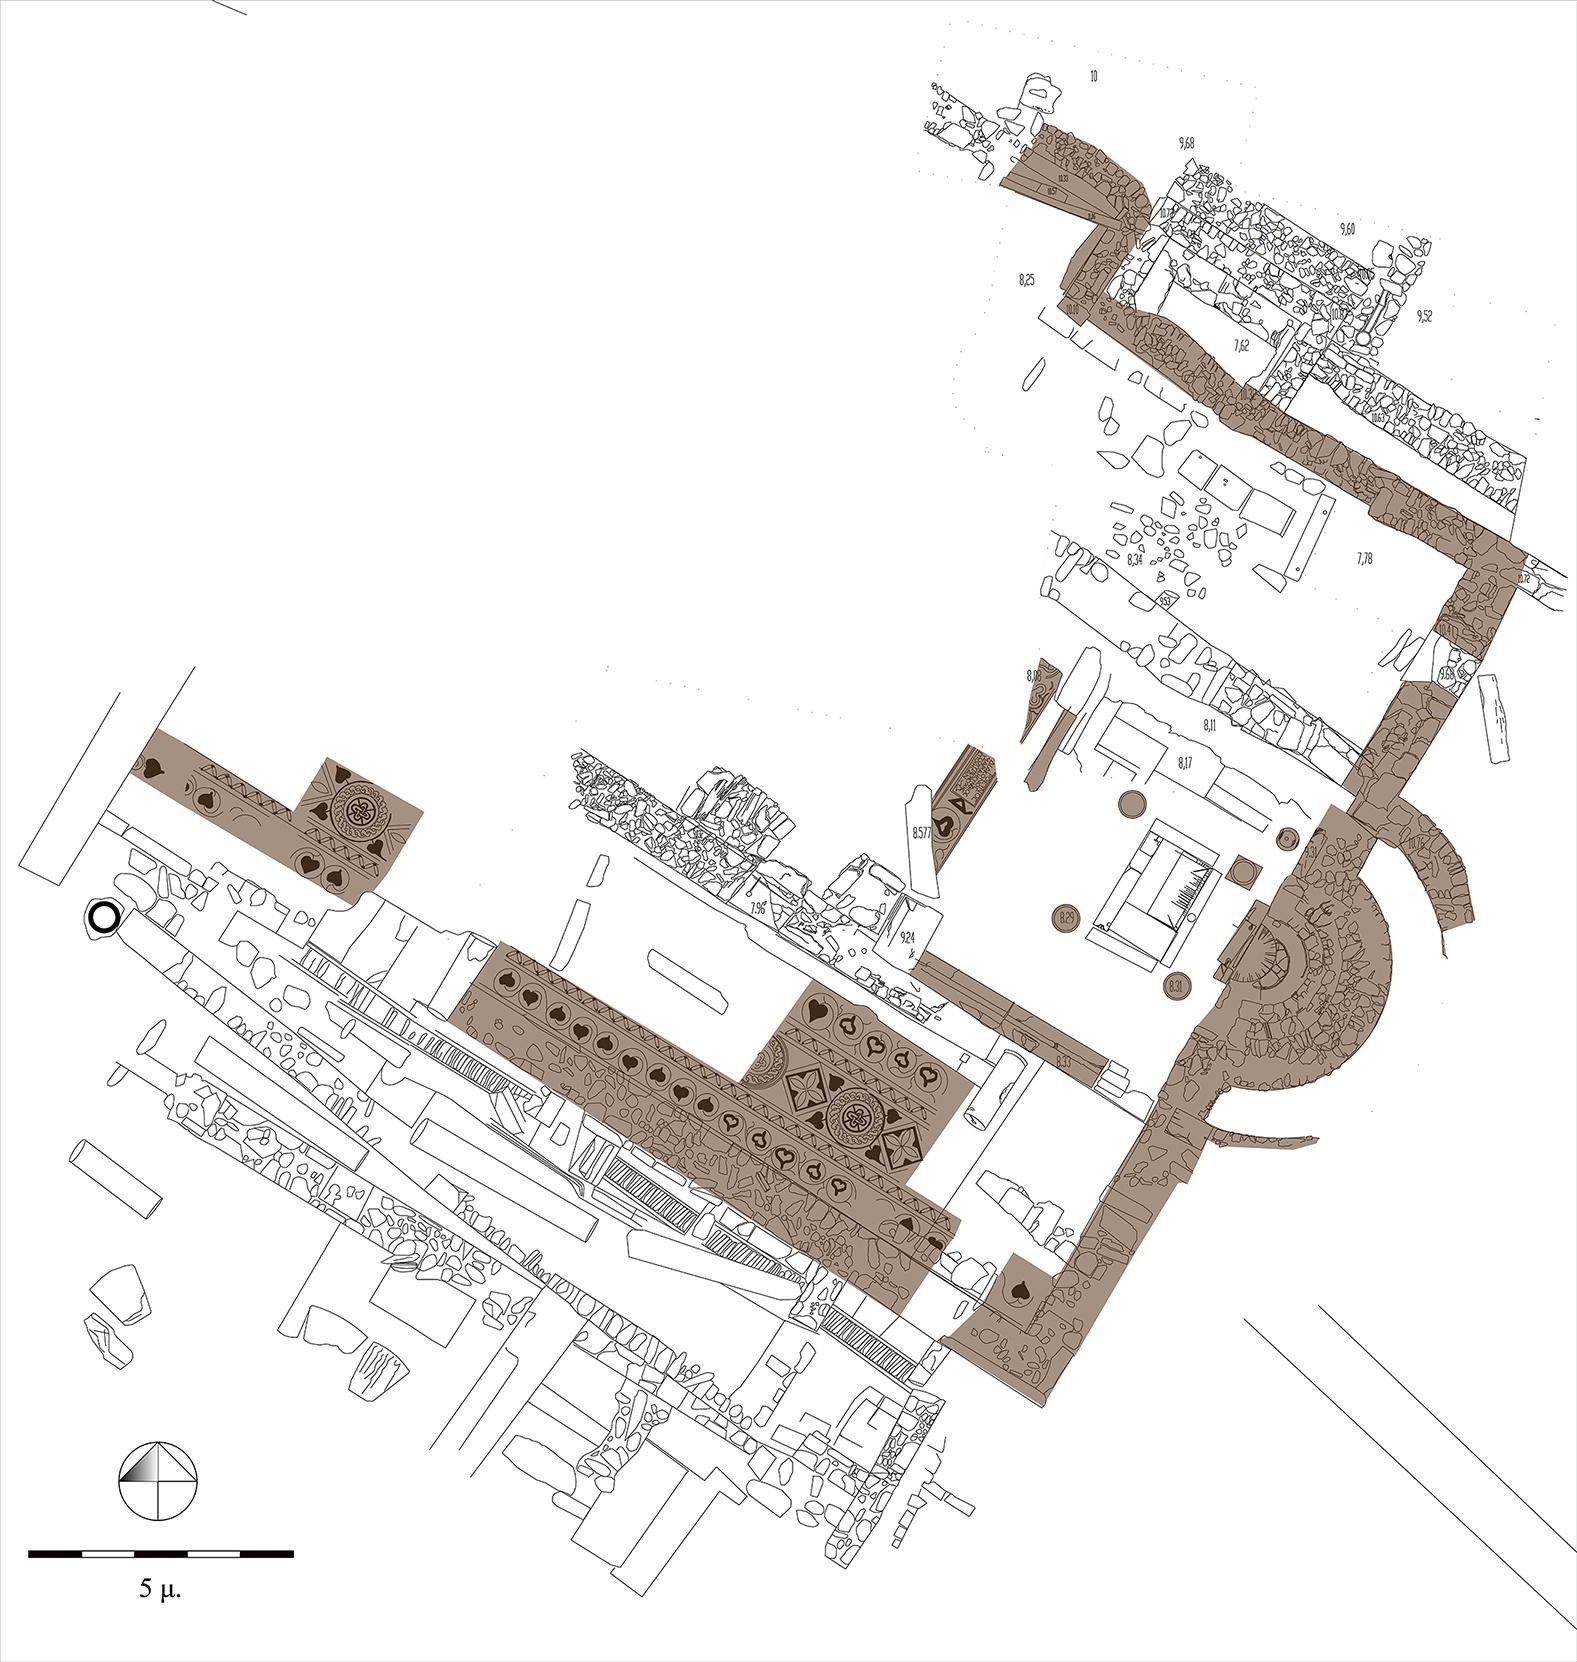 Κάτοψη της πρώτης φάσης της βασιλικής του  δεύτερου μισού του 5ου αι. μ.Χ.